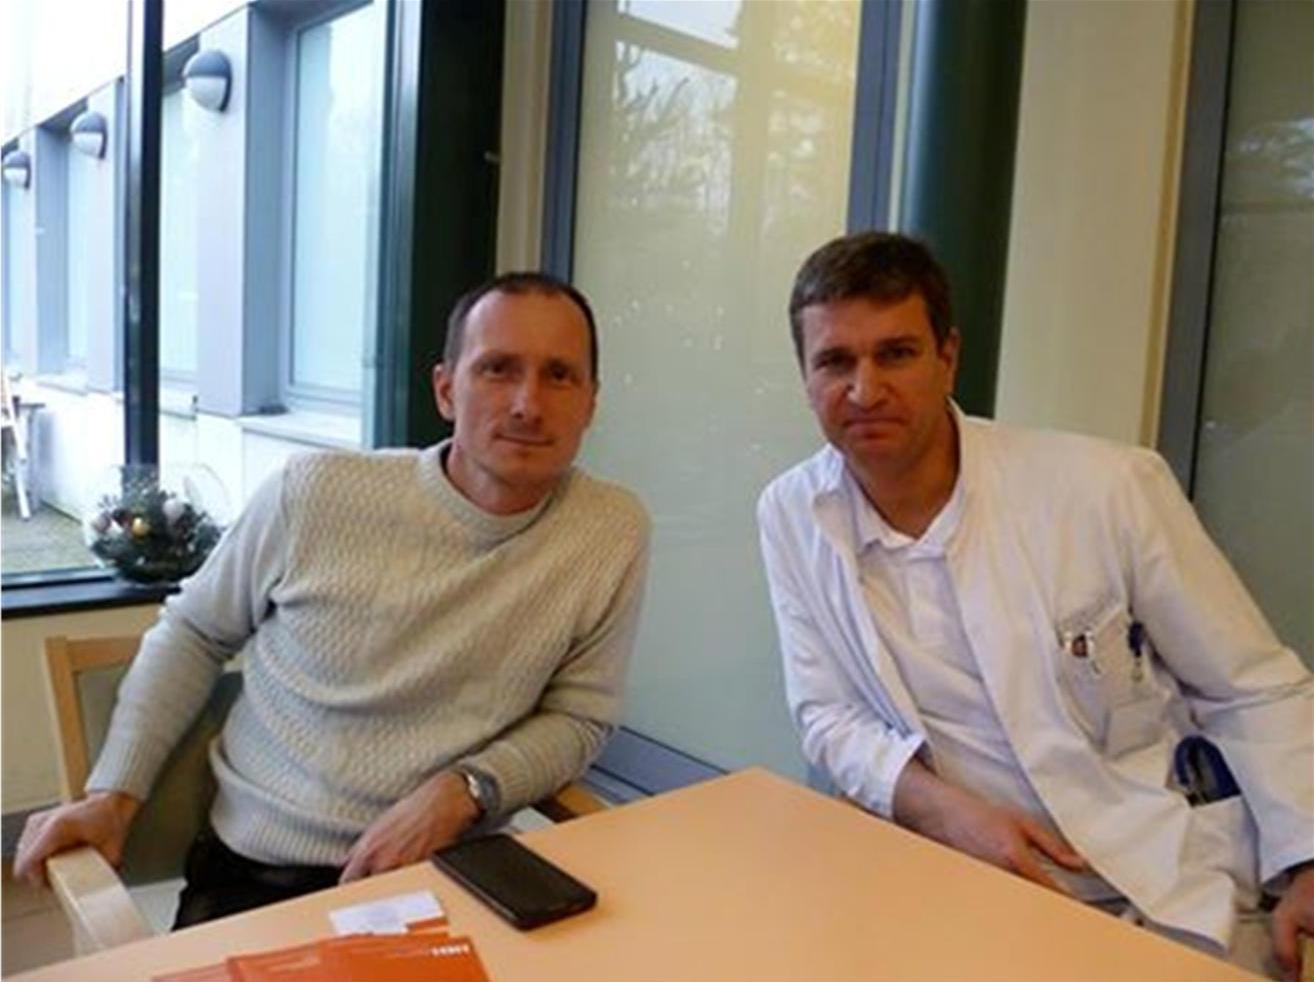 Dr. Zaitsev und Dr. Sherstyuk